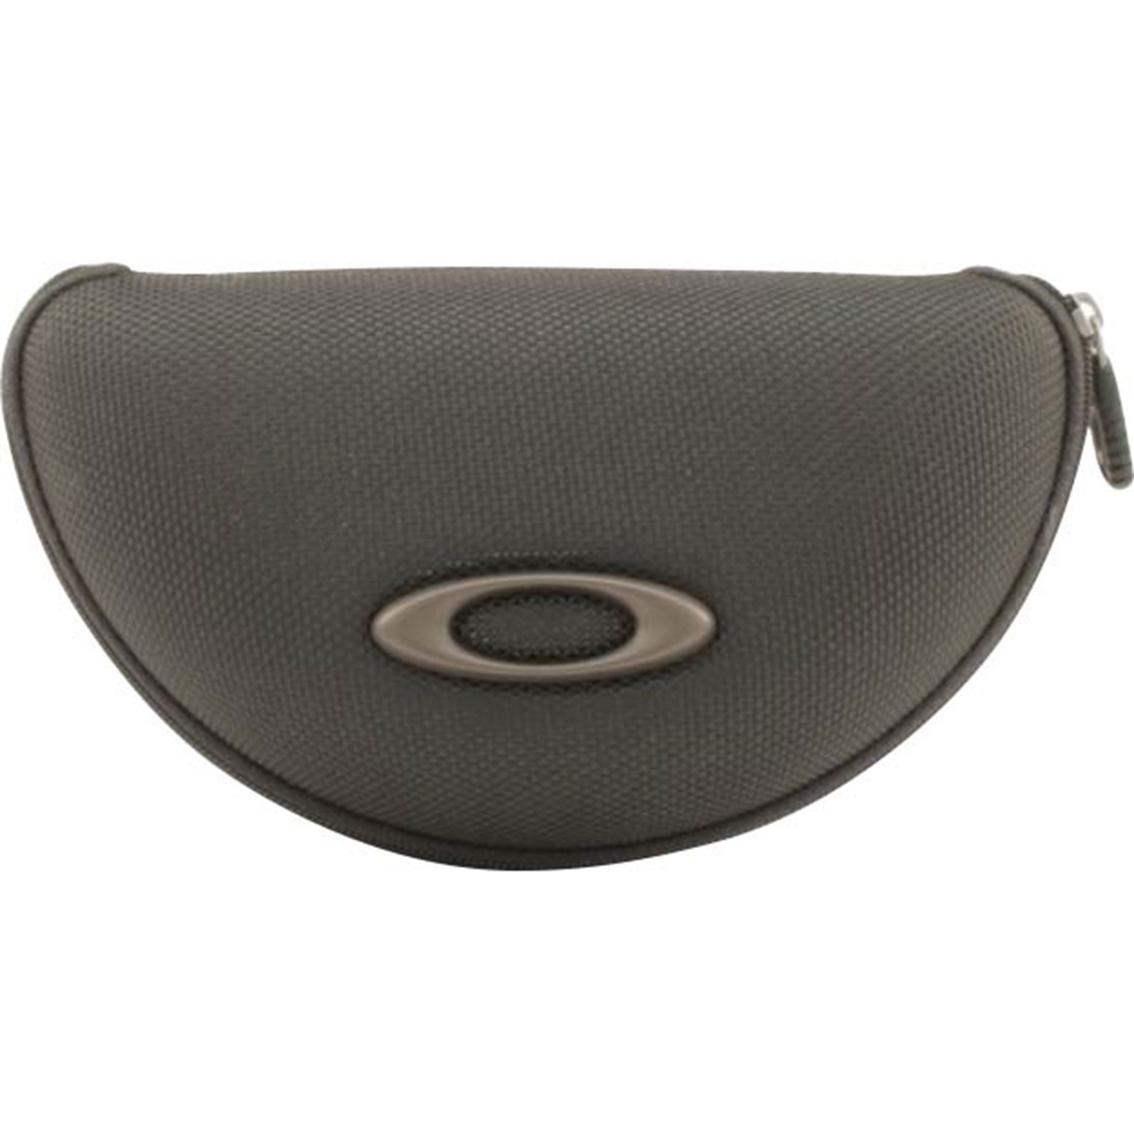 60107994a6c Oakley Large Soft Vault Case